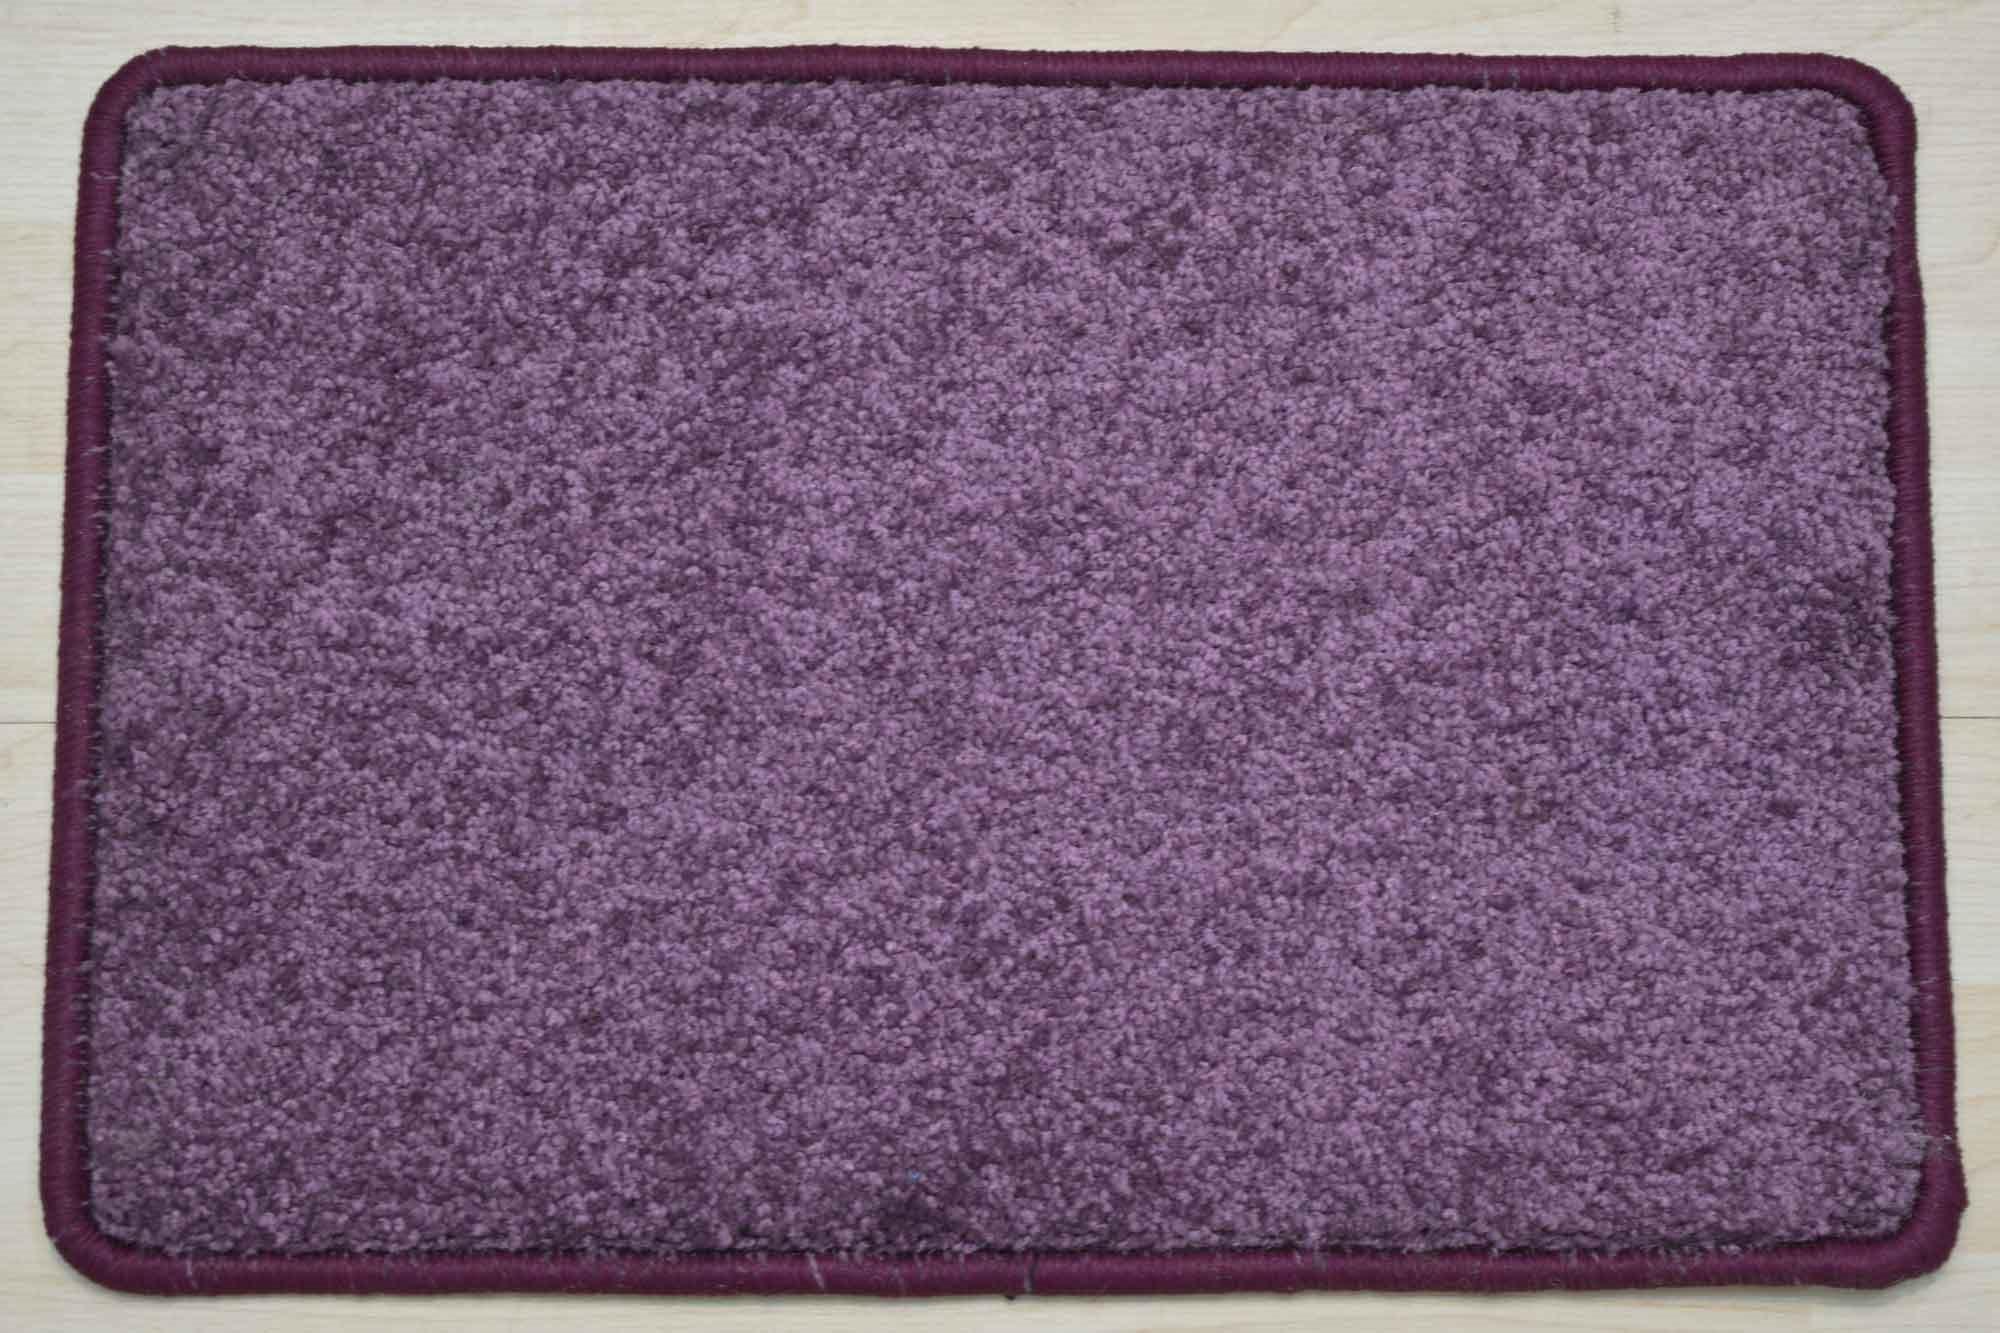 Μοκέτα Kings 115 Violet 400X…